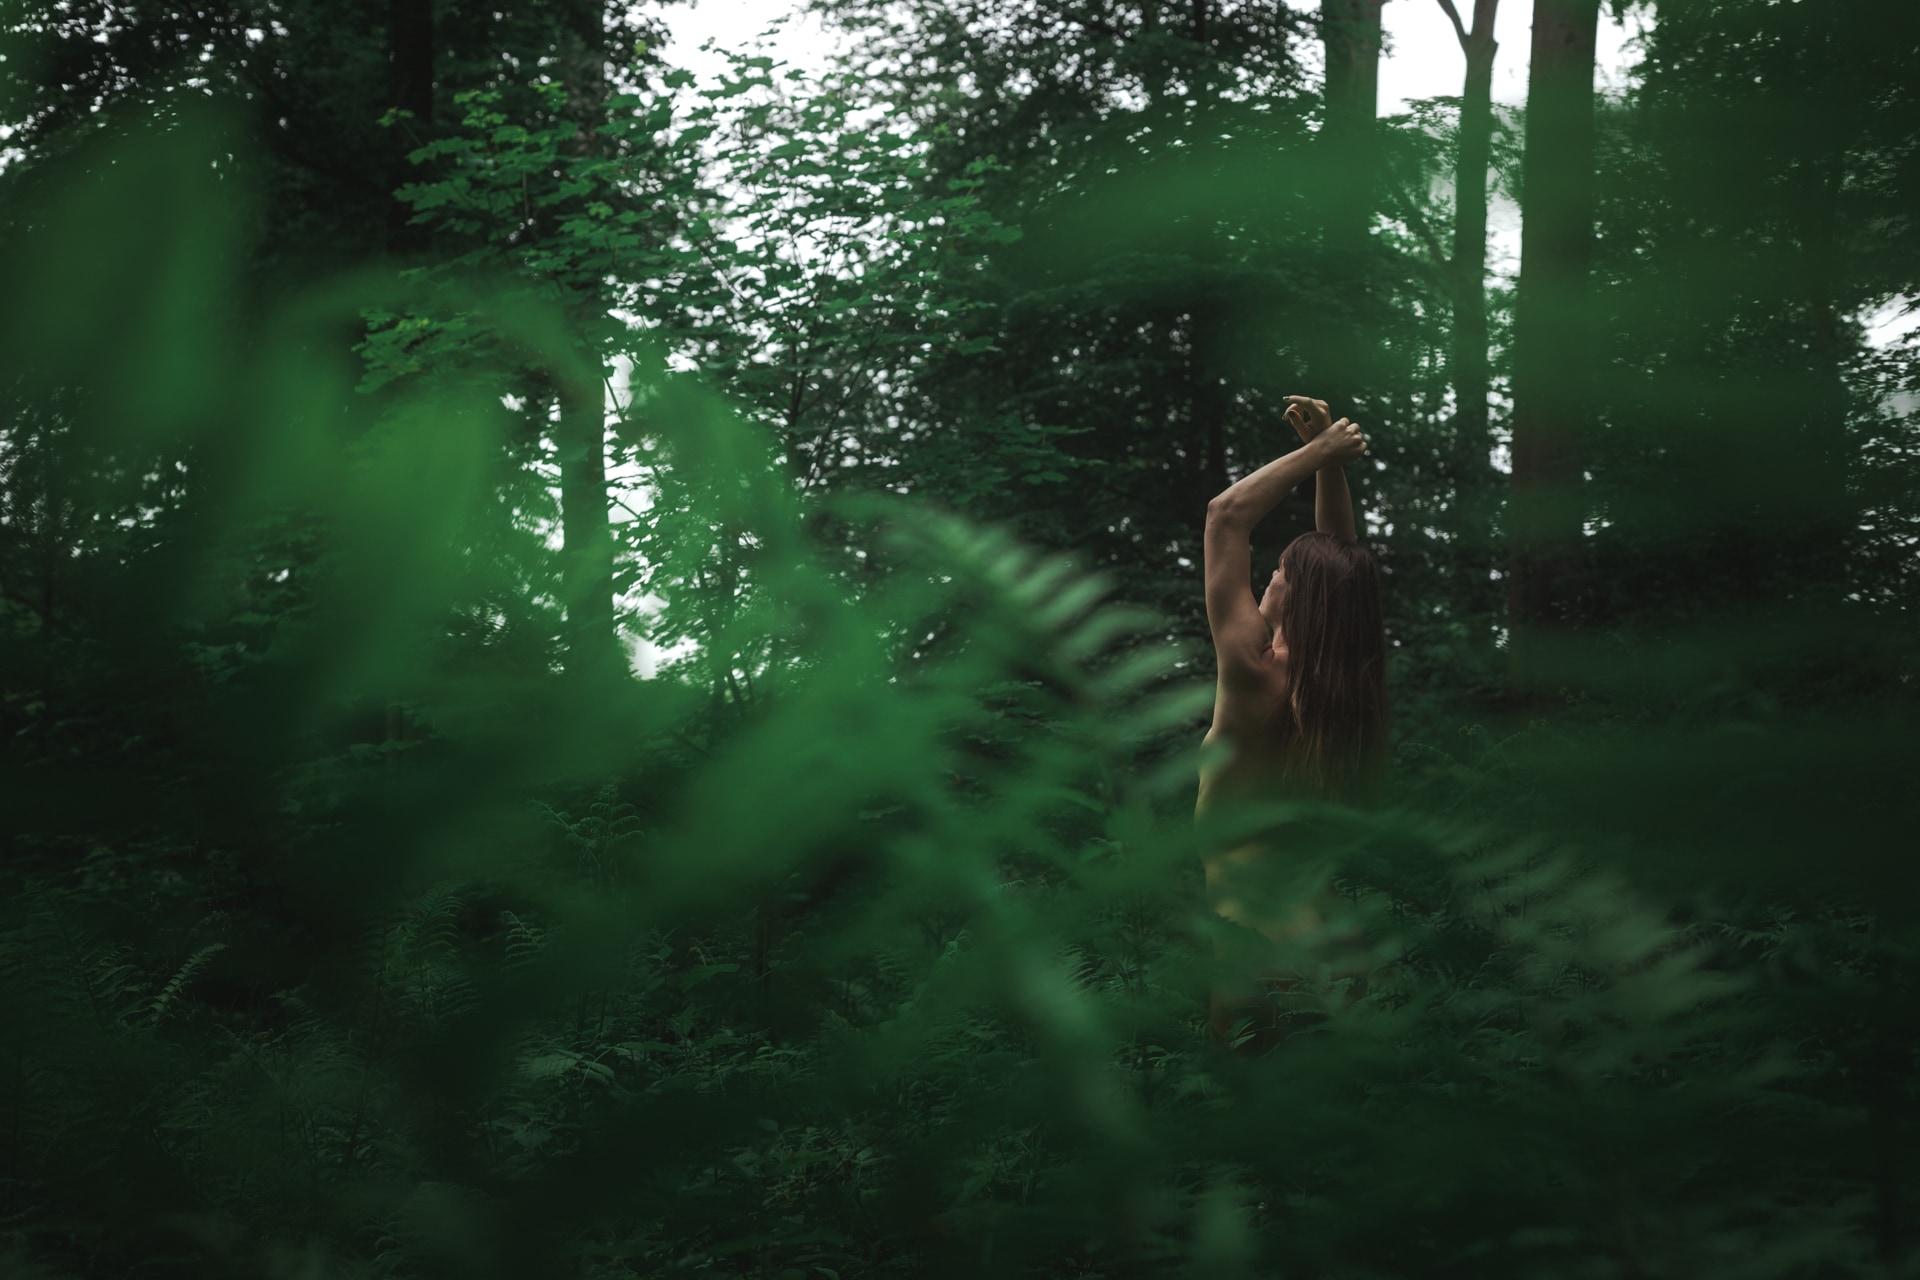 Mél - Forest - v1-photo-foret-nue-artistique-fougere-3